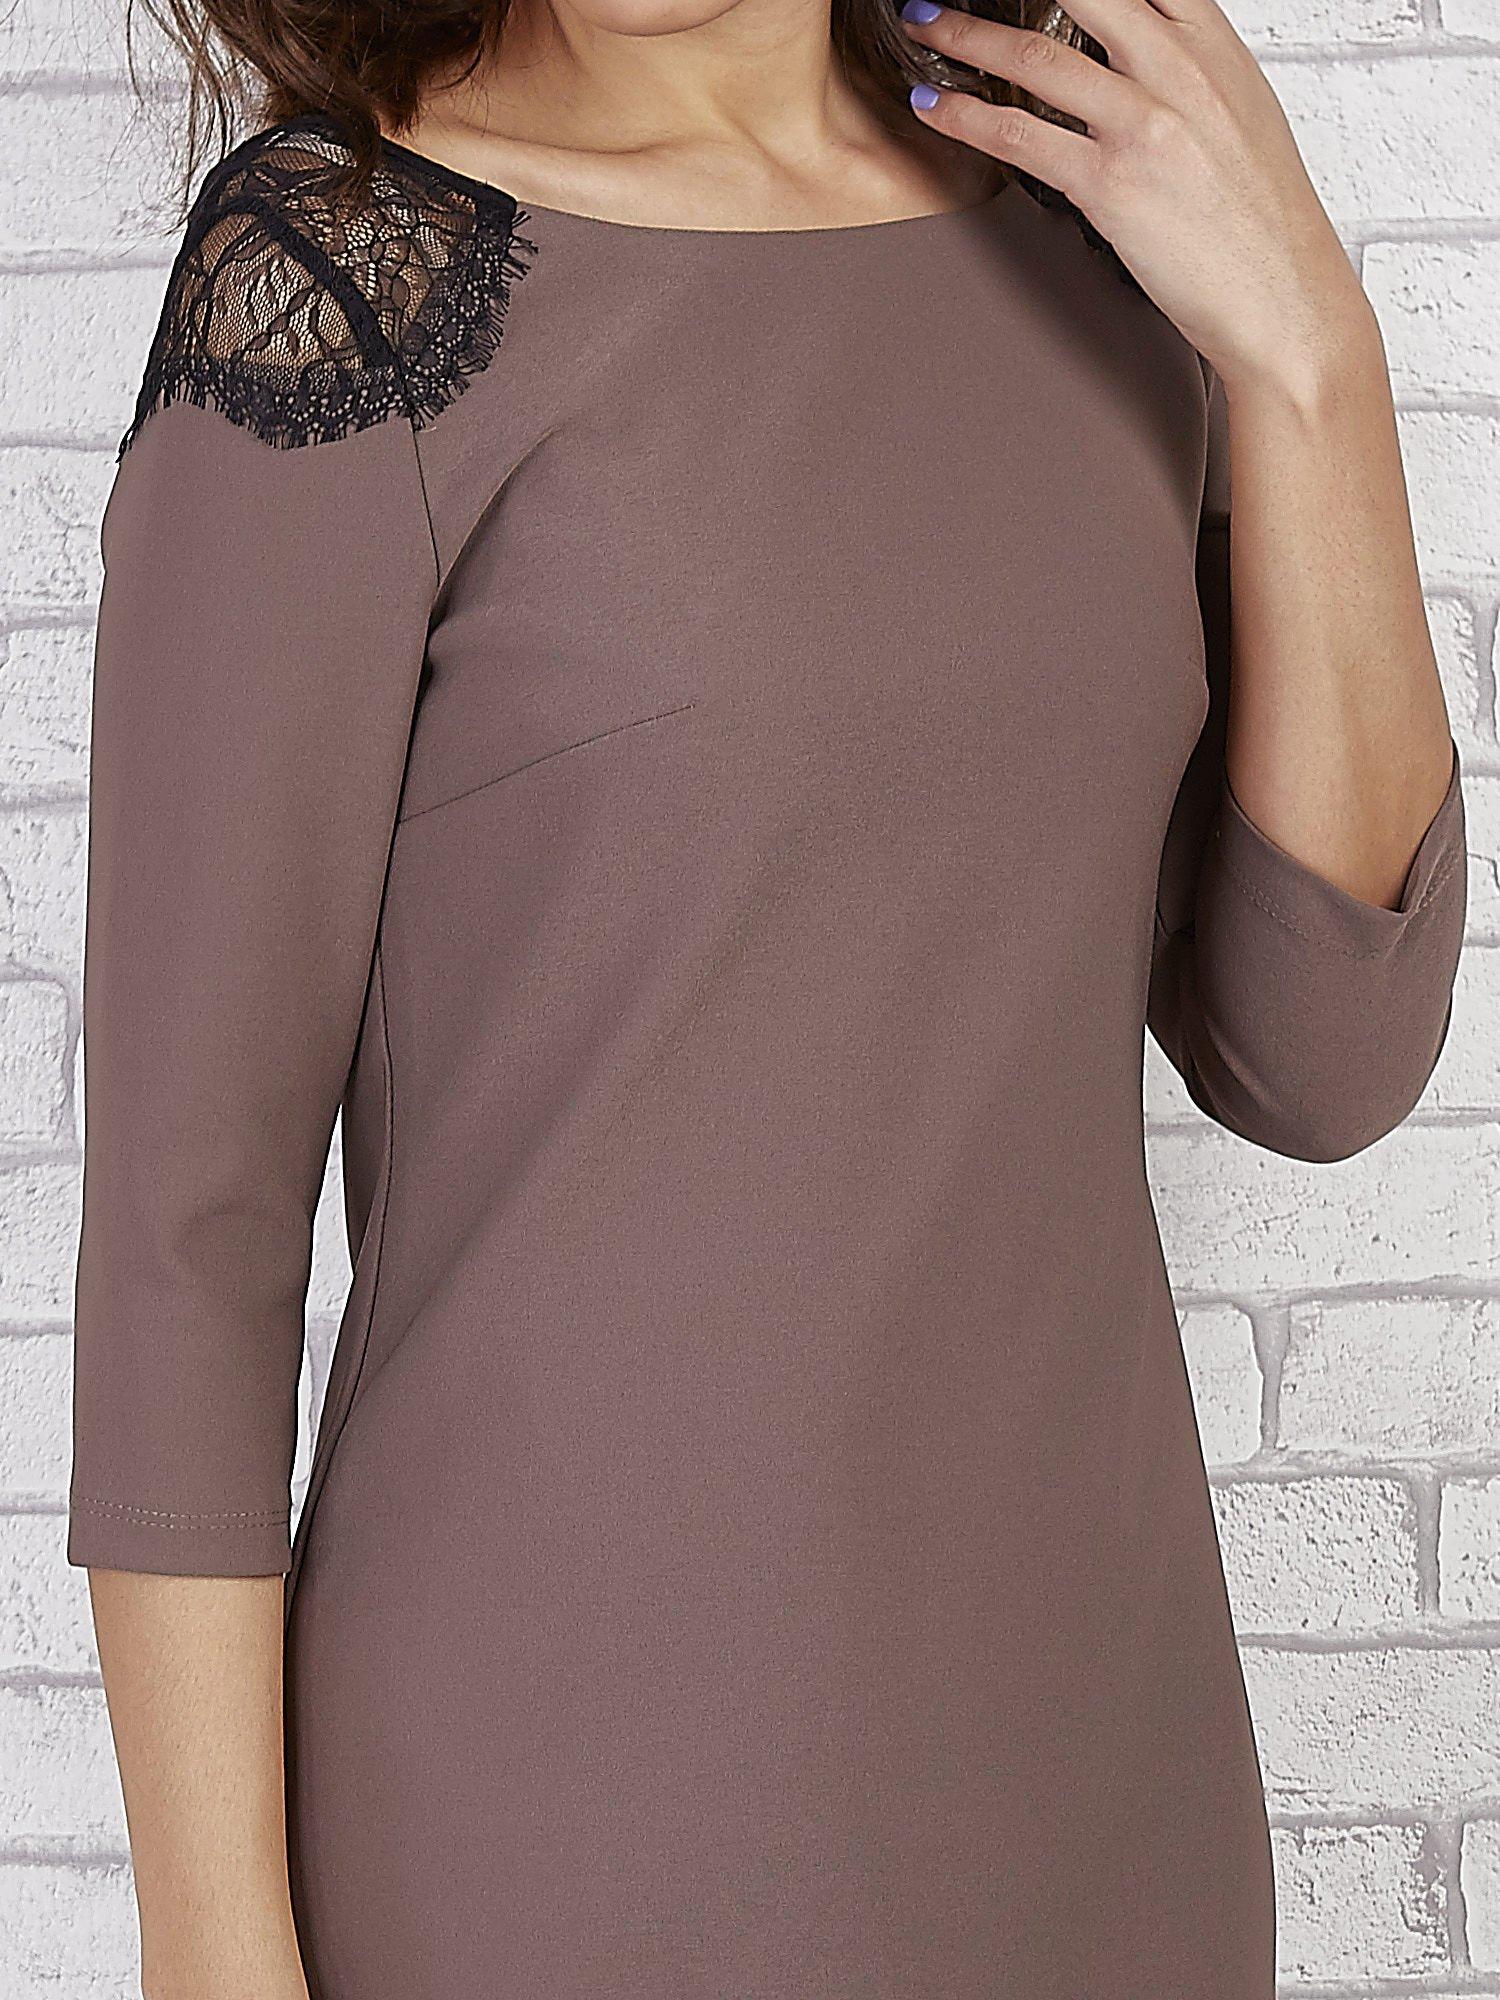 Brązowa sukienka z trójkątnym dekoltem na plecach                                  zdj.                                  5